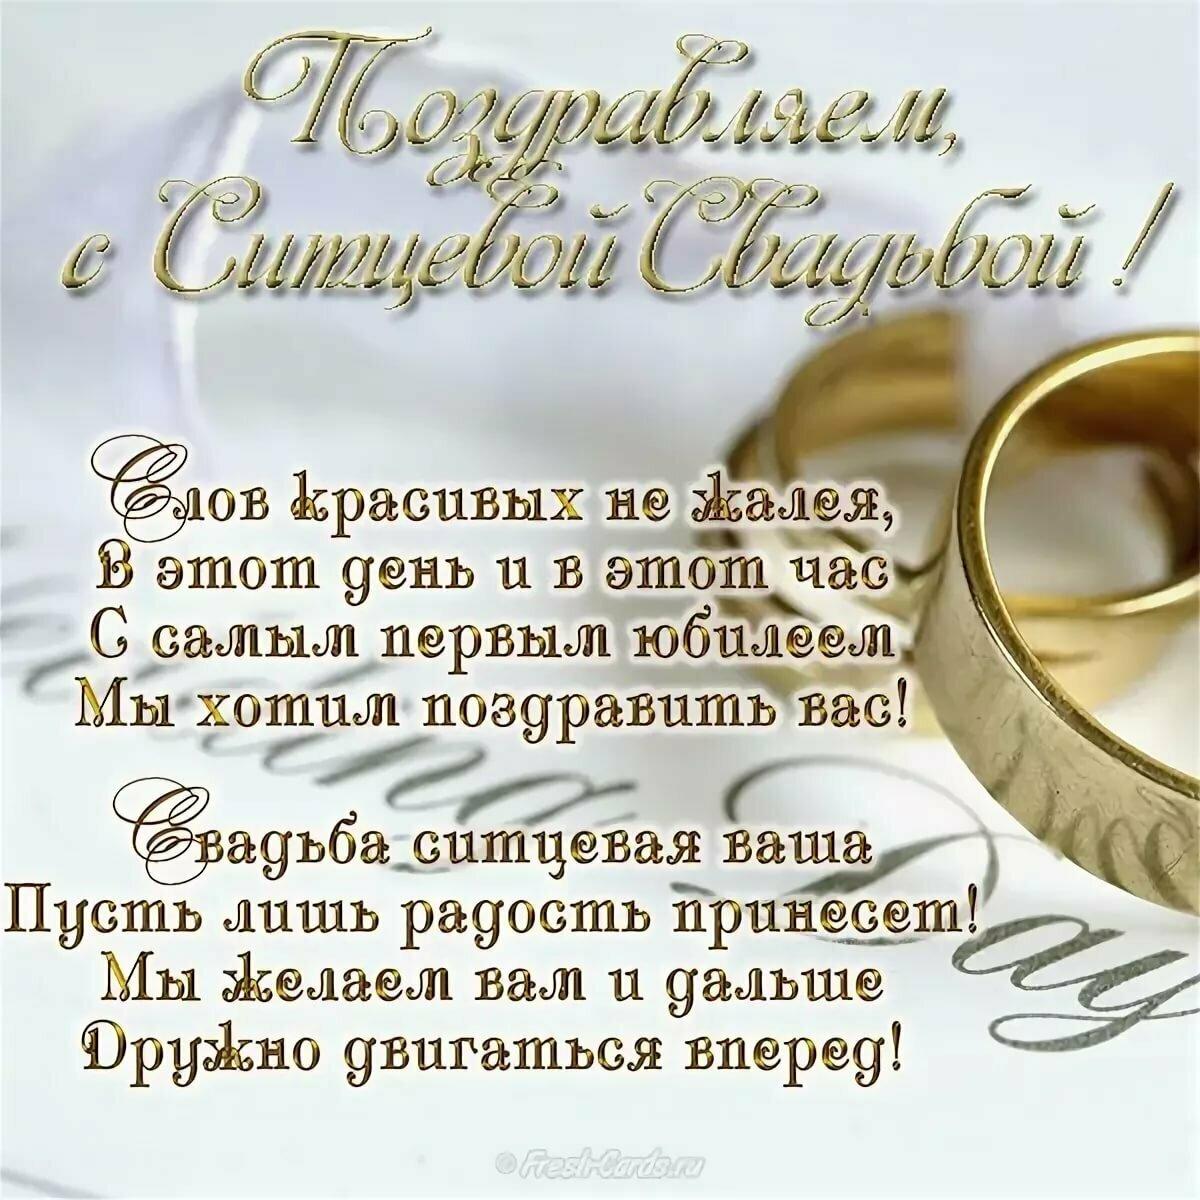 Поздравления с 1 годовщиной свадьбы четверостишье